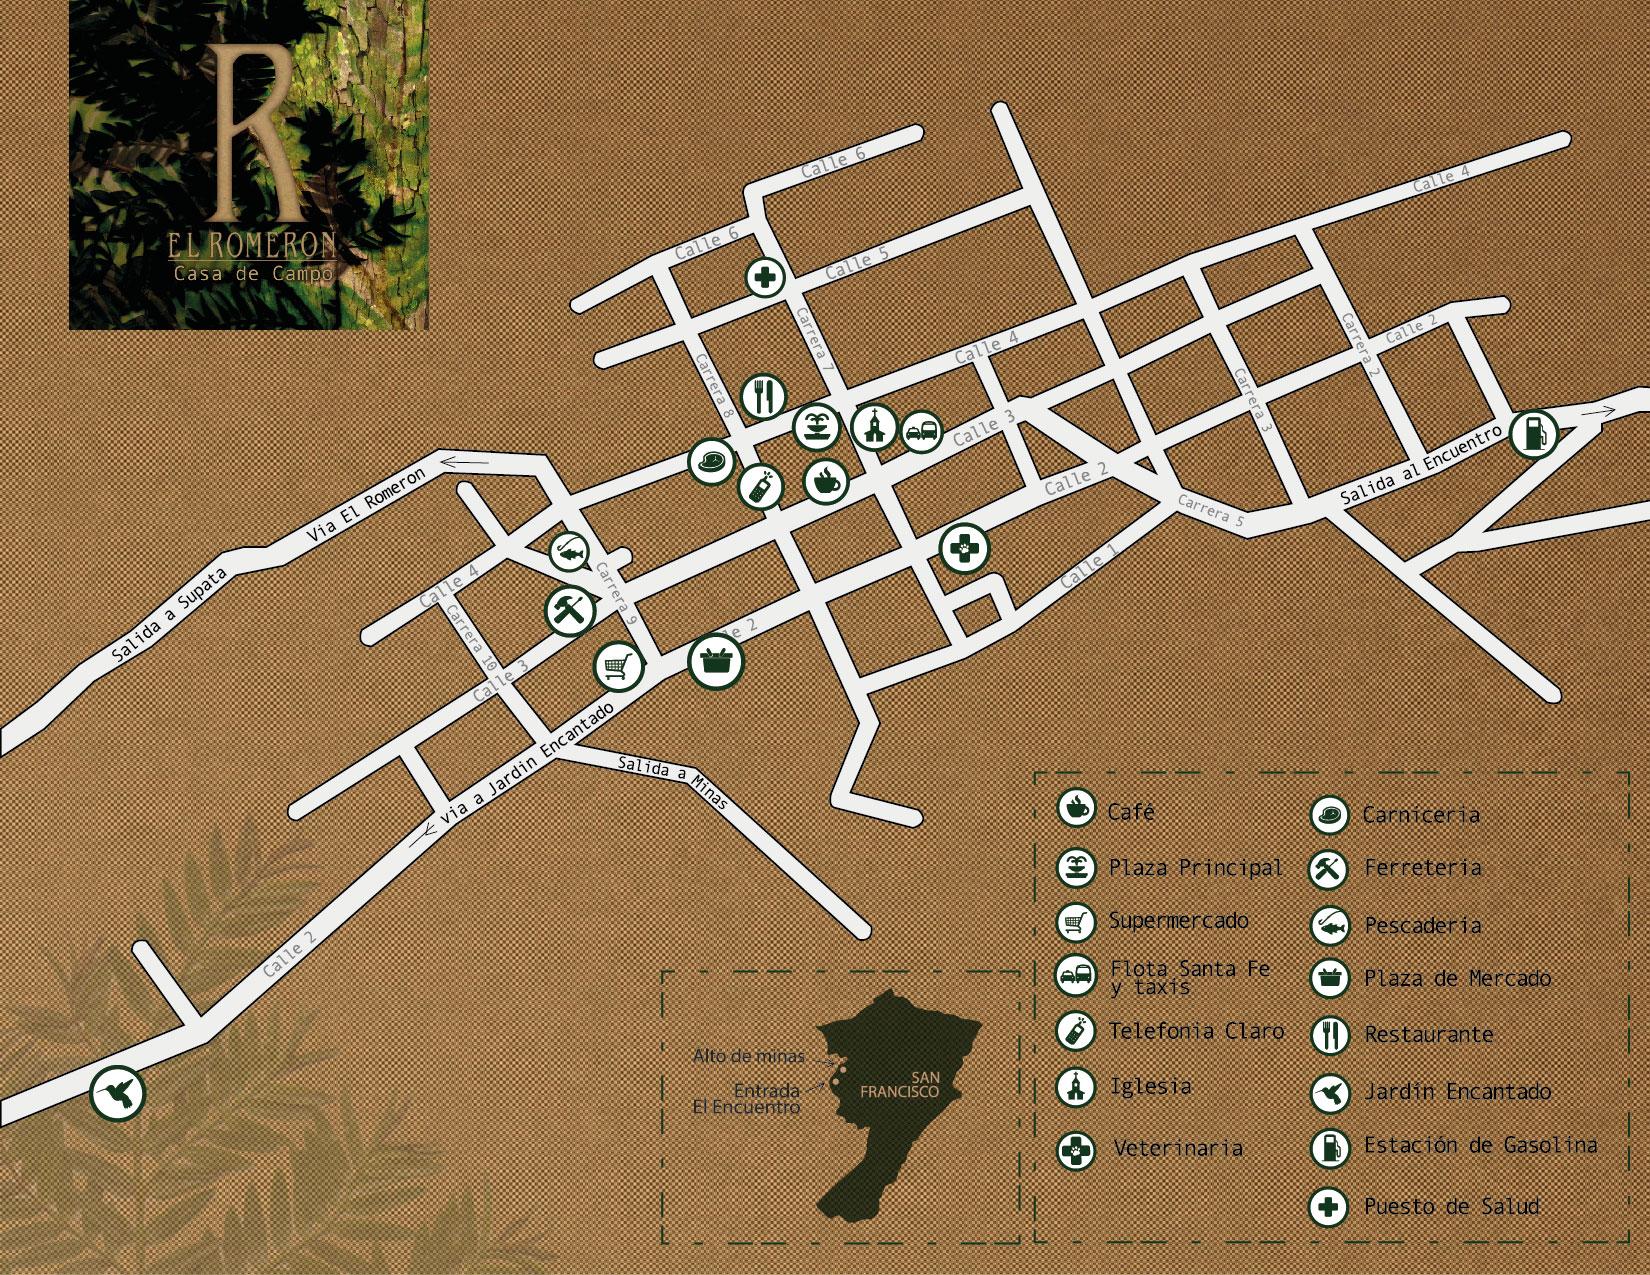 Mapa Con Un Puntero Ubicación: El Romerón